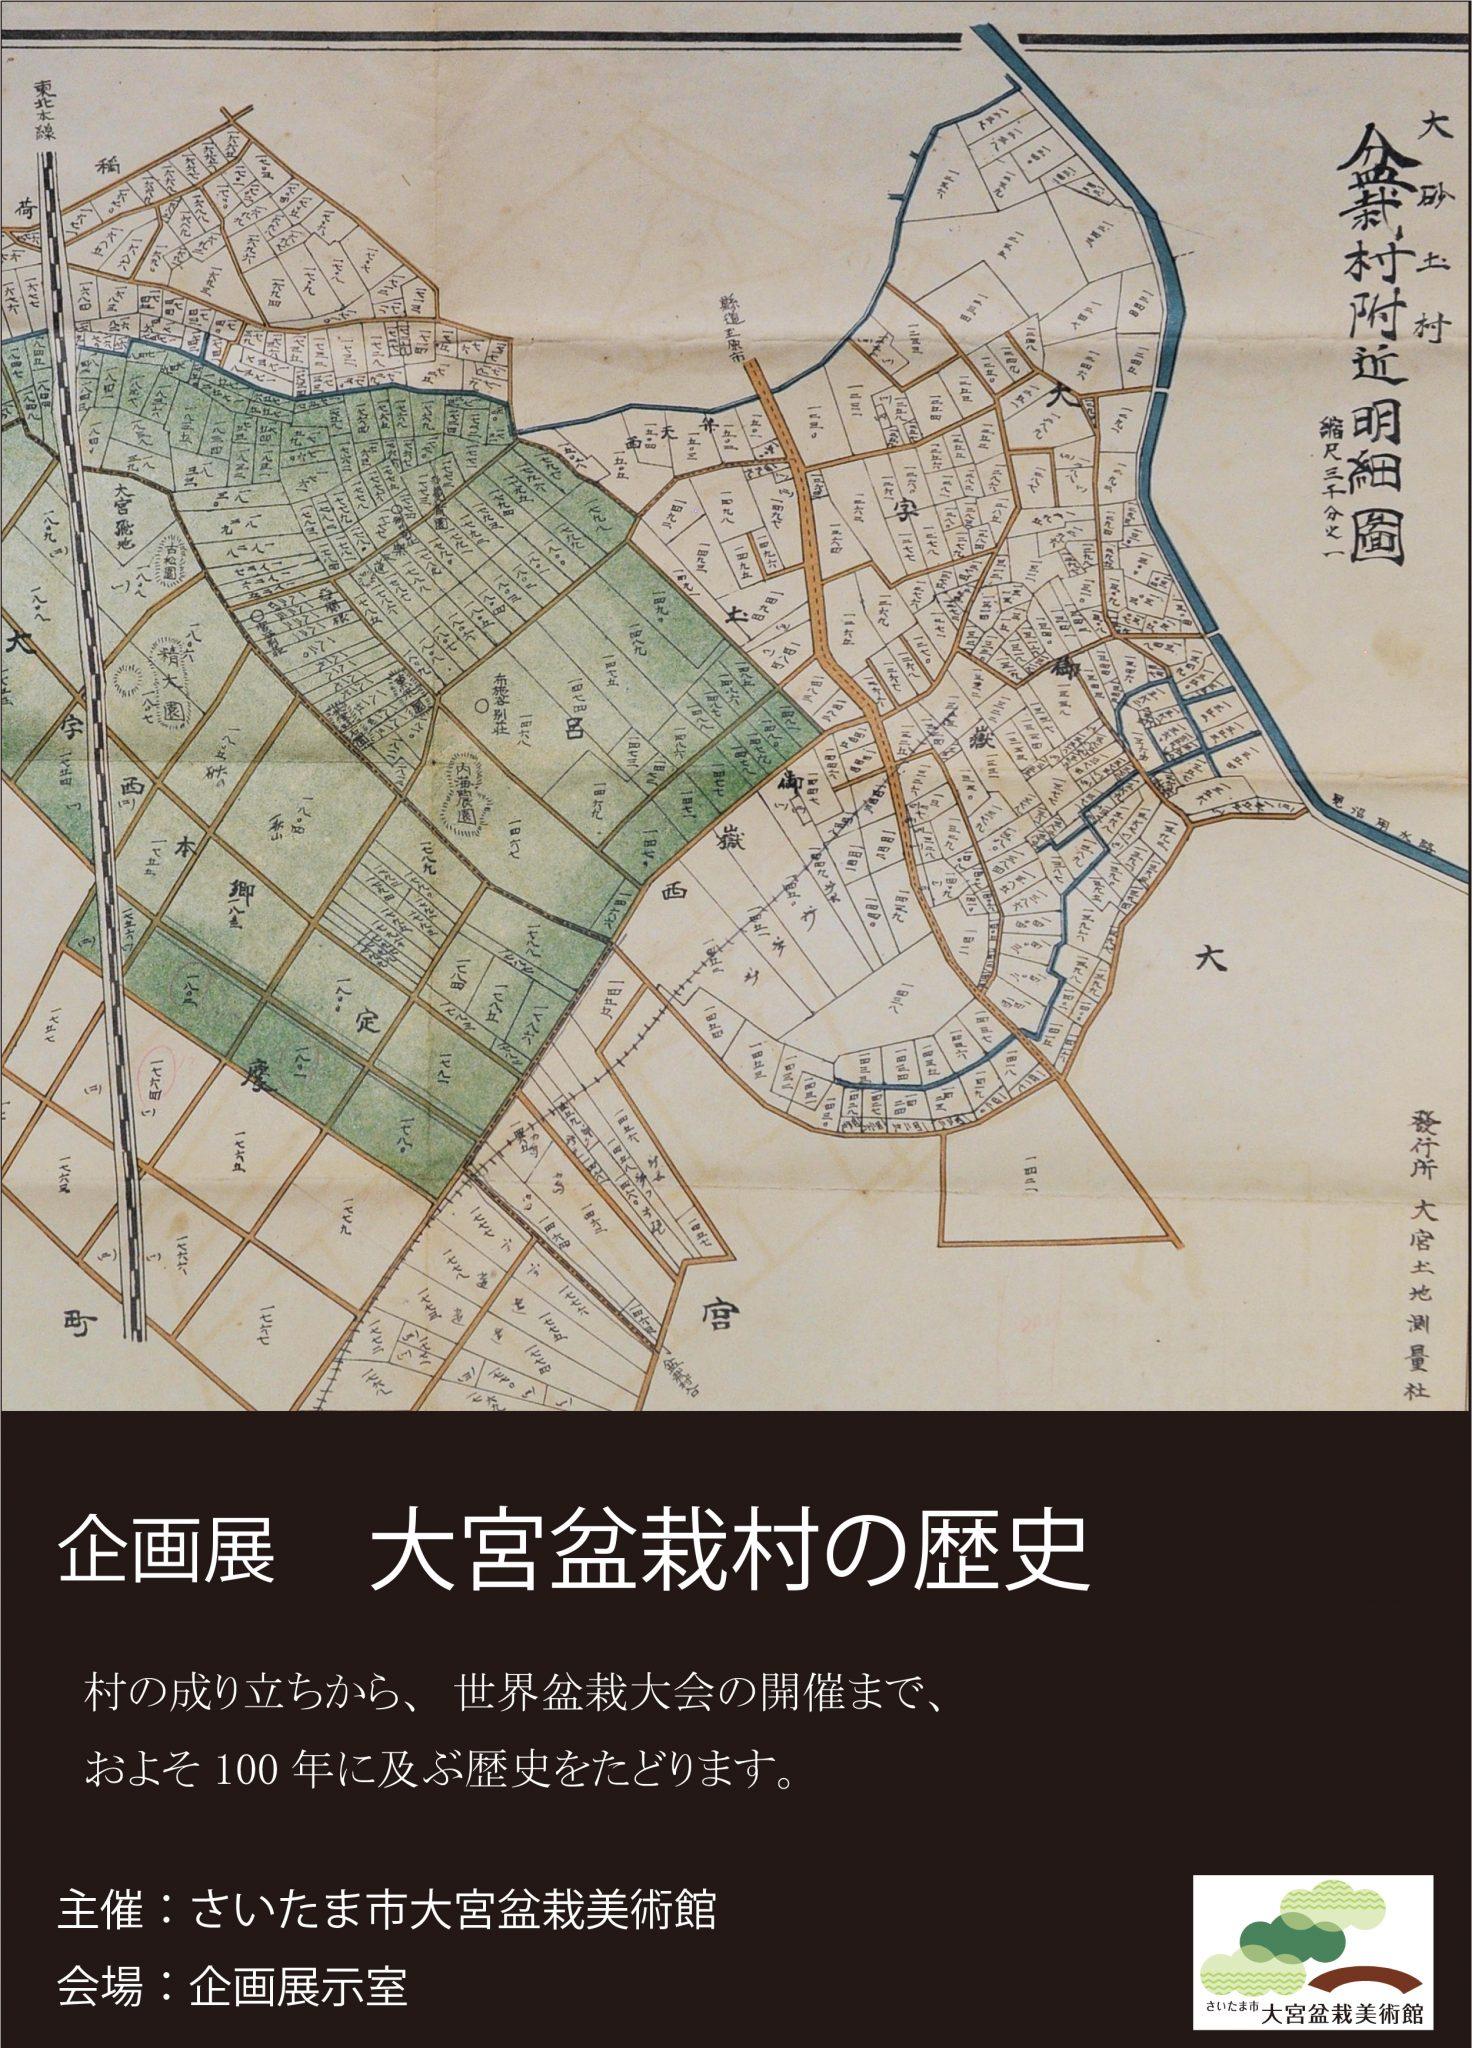 企画展「大宮盆栽村の歴史」